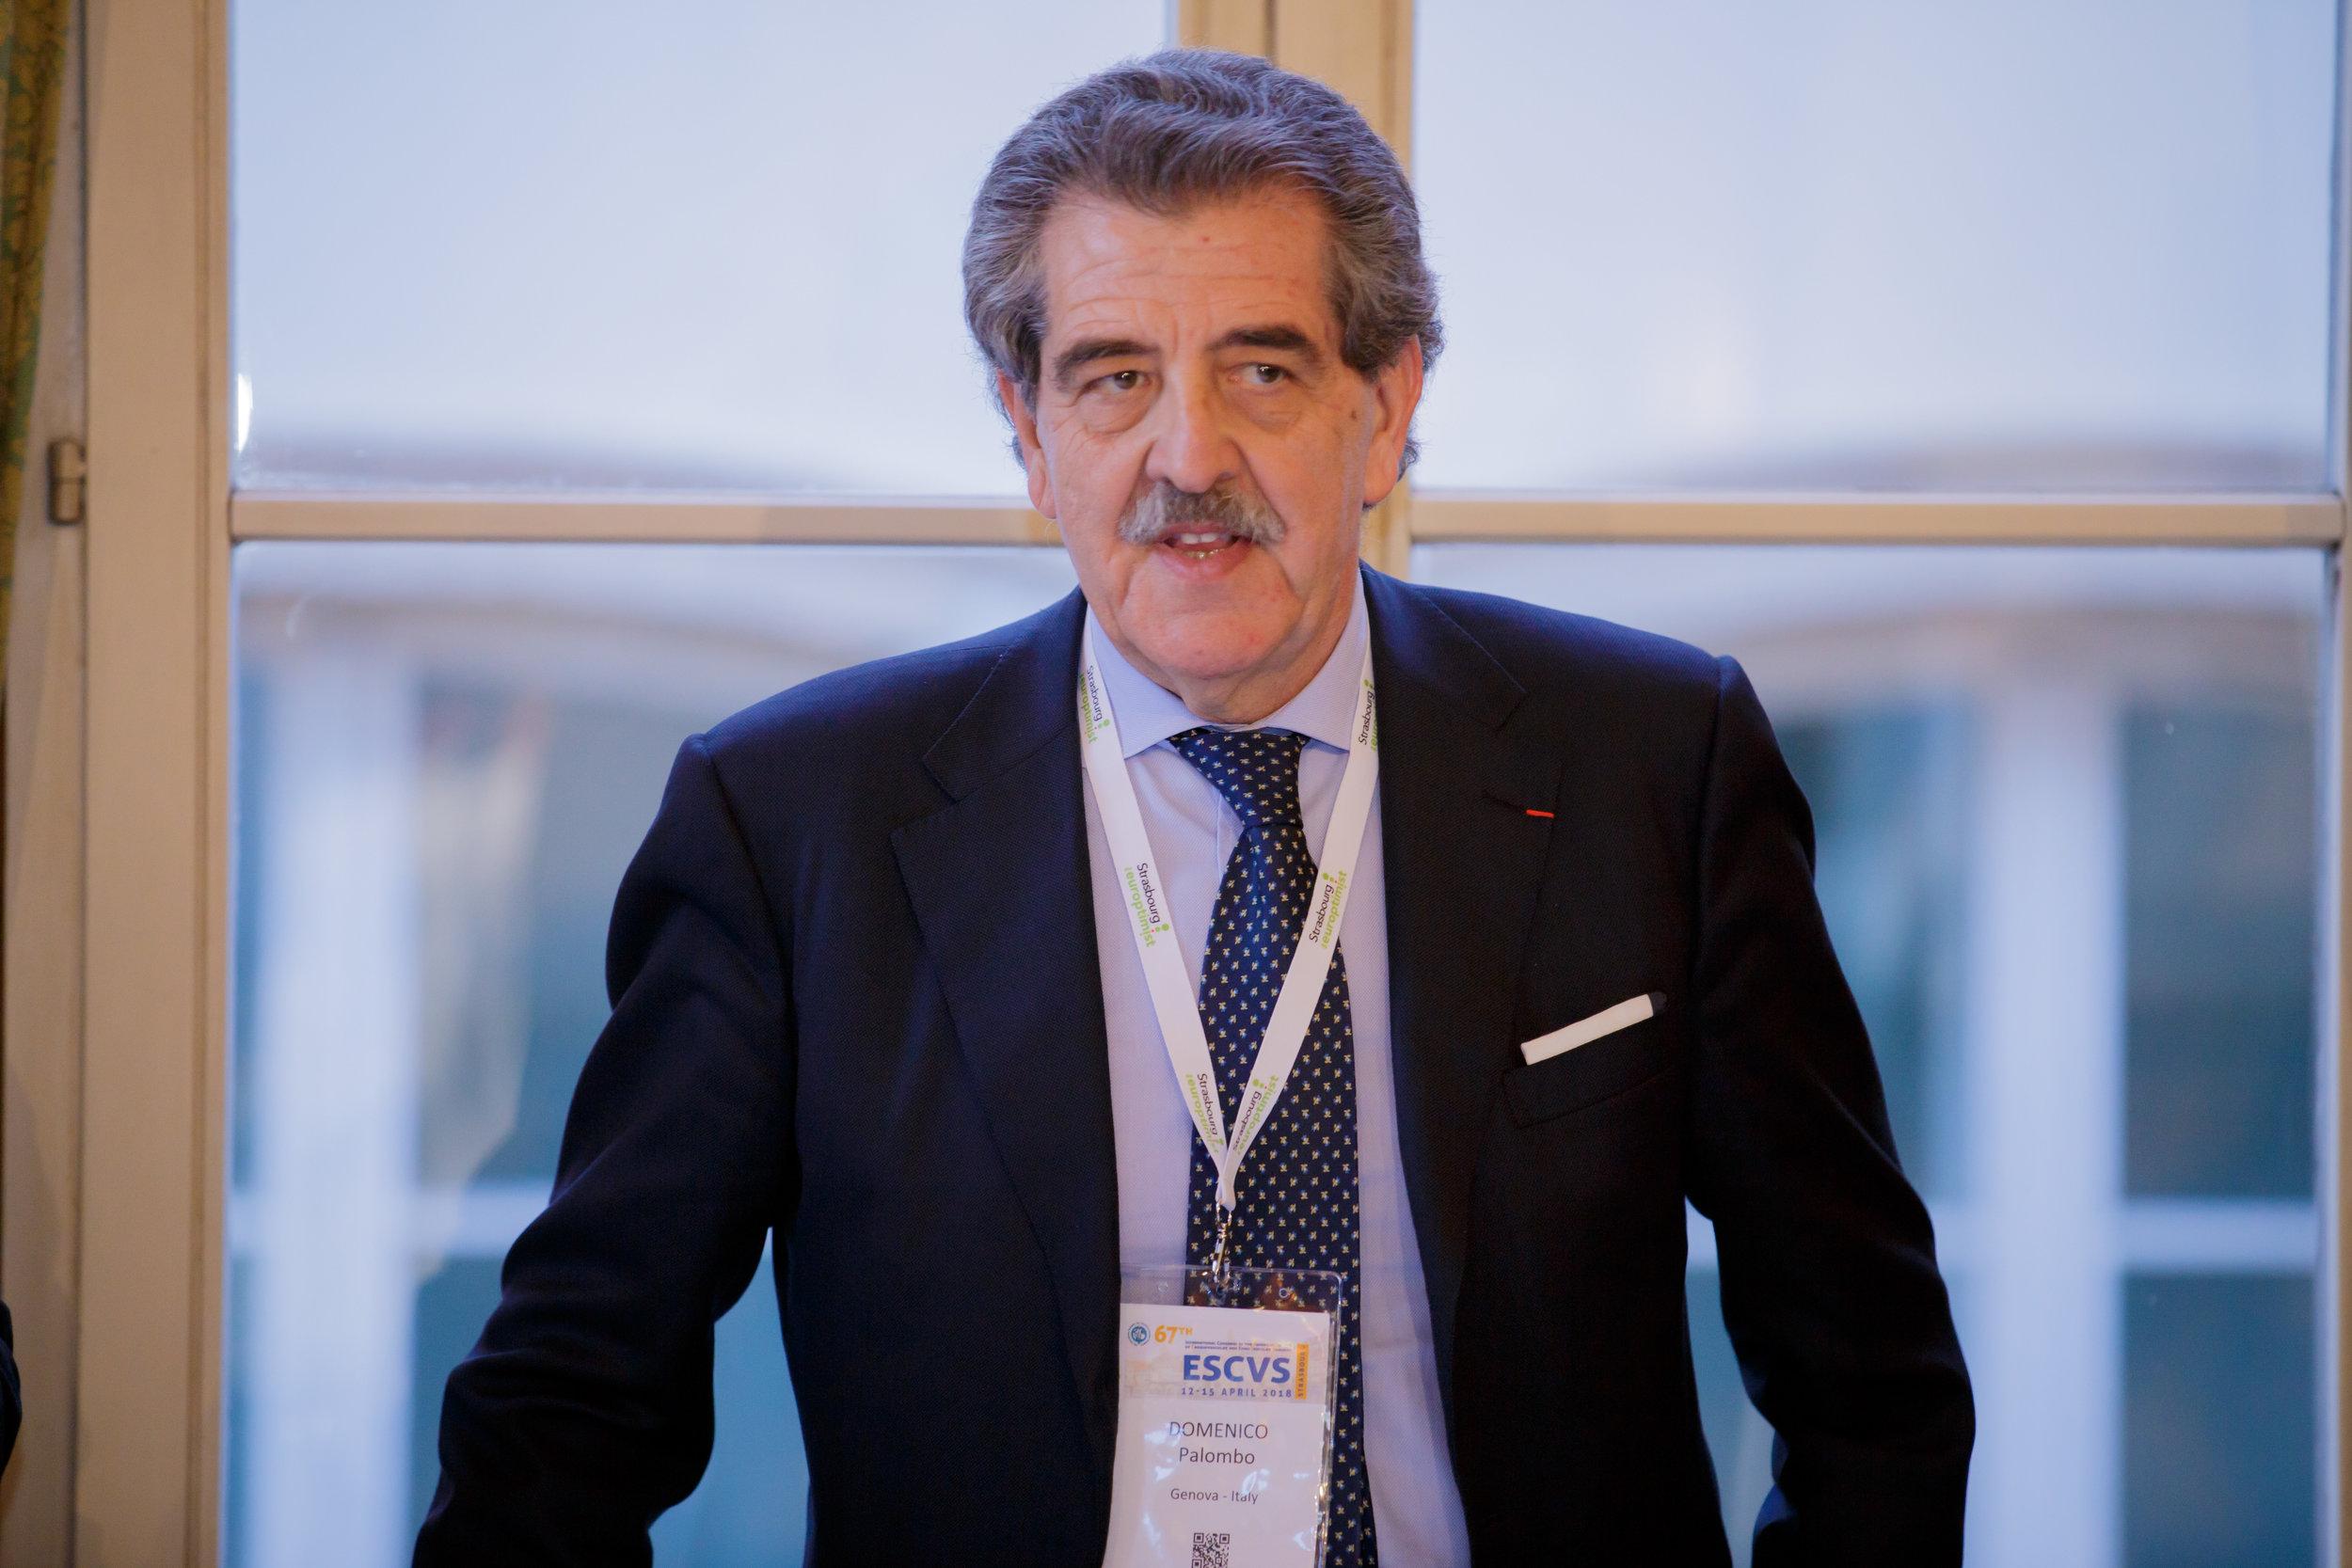 Pr. Domenico Palombo during the ESCVS dinner at Maison Kammerzell in Strasbourg